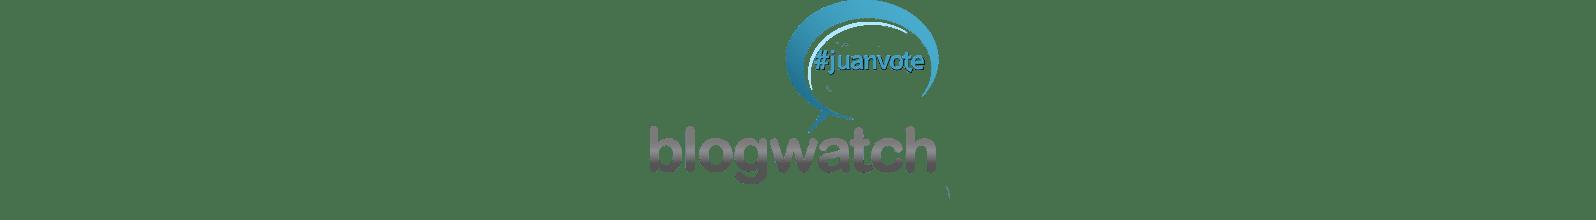 juanvote-blogwatch copy